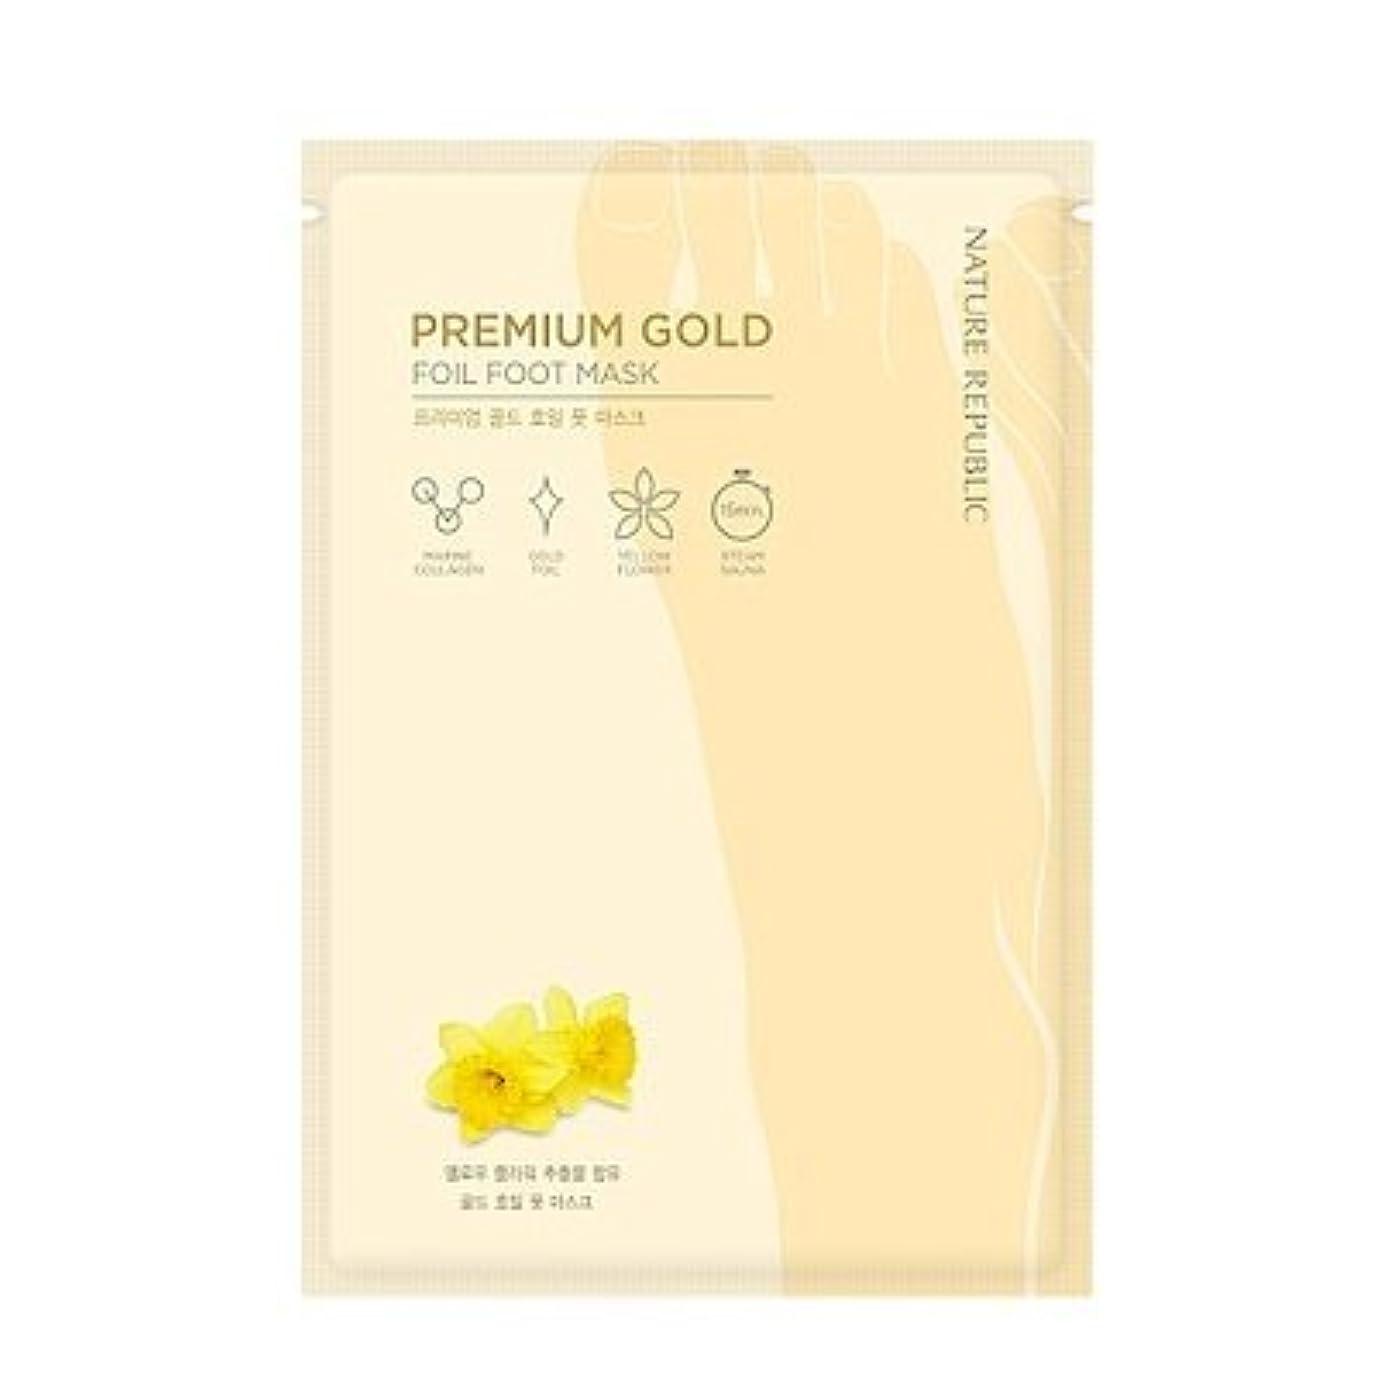 攻撃乗り出す学習者NATURE REPUBLIC Premium Gold Foil Foot Mask(3EA) / ネイチャーリパブリックプレミアムゴールドホイルフットマスク(3枚) [並行輸入品]